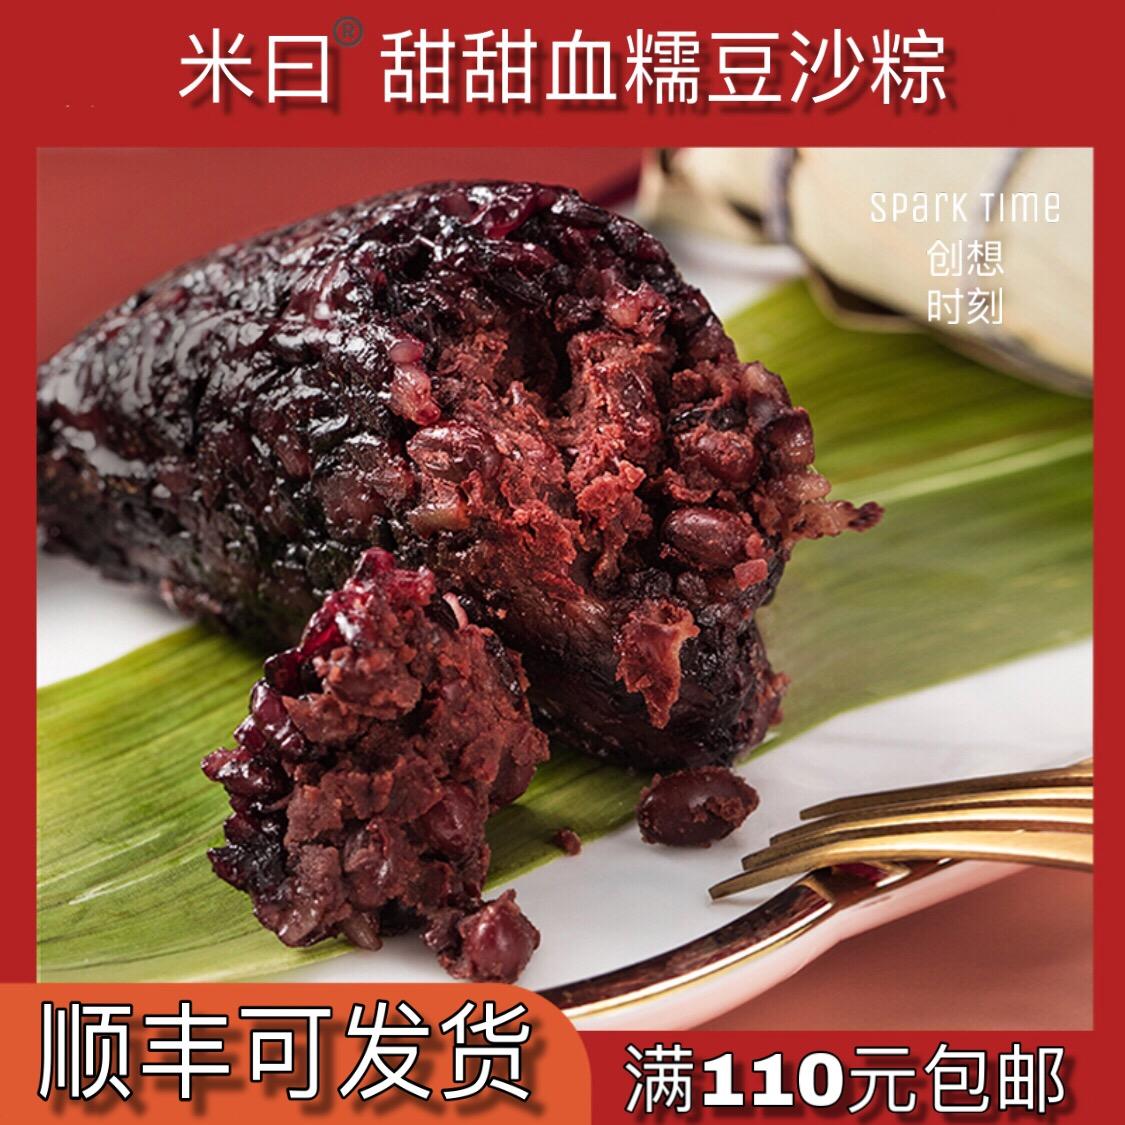 米曰粽子甜粽豆沙血糯米紫米豆沙粽定制无糖无油真空即食160g*4